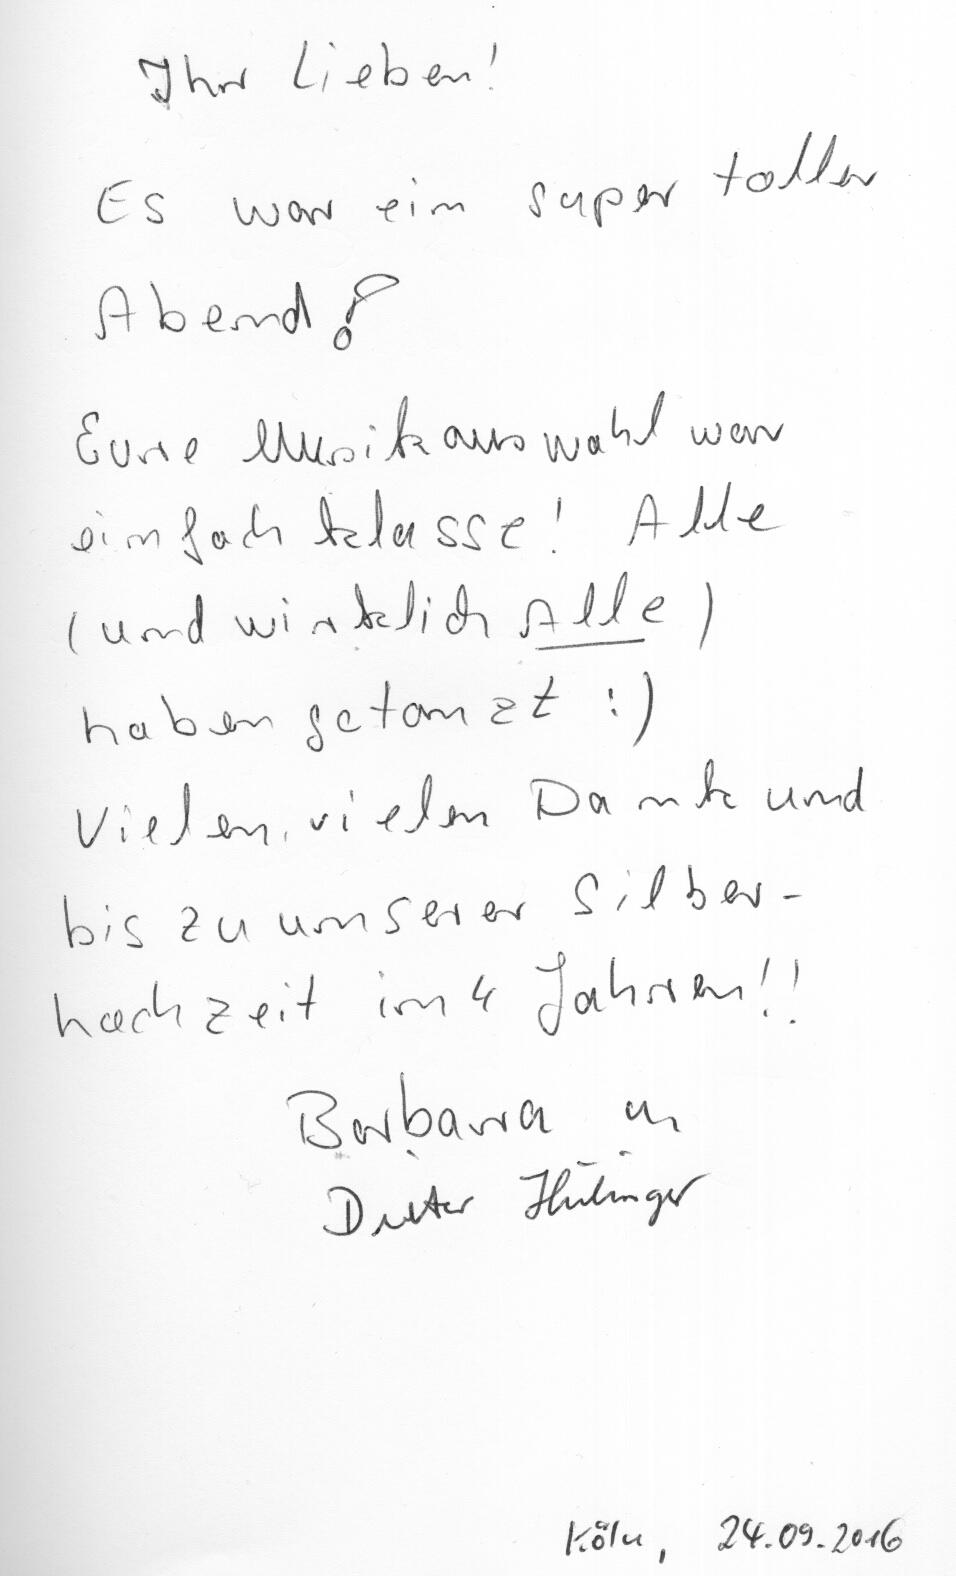 Die Danksagung von Barbara & Dieter